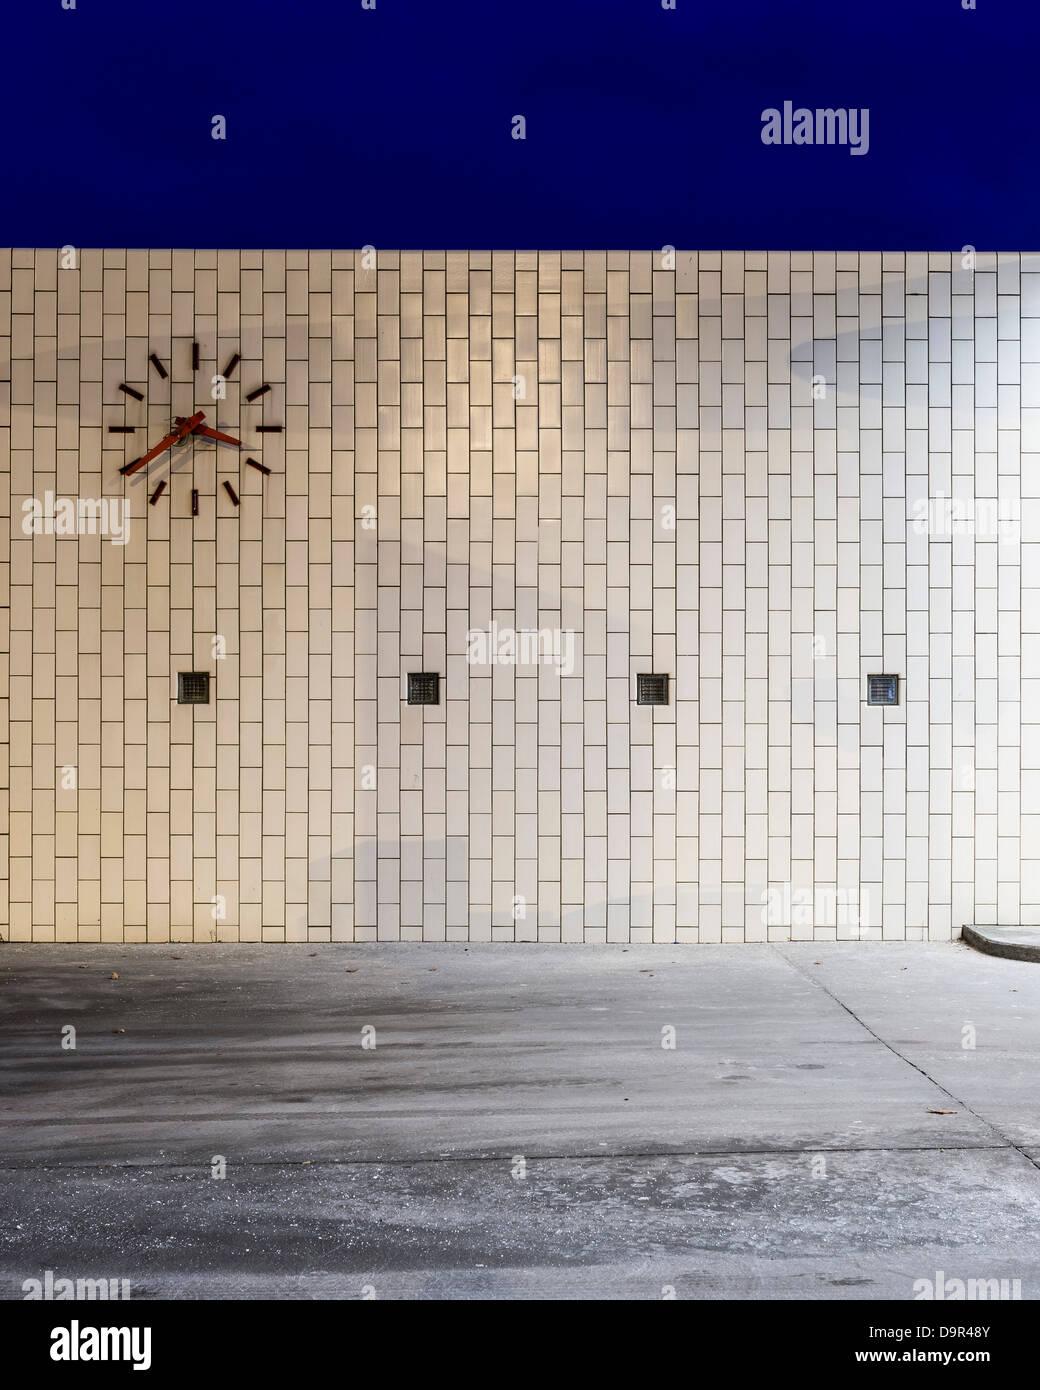 Skovshoved Petrol Station, Copenhagen, Denmark. Architect: Arne Jacobsen, 1936. View of tiled wall and clock. Stock Photo